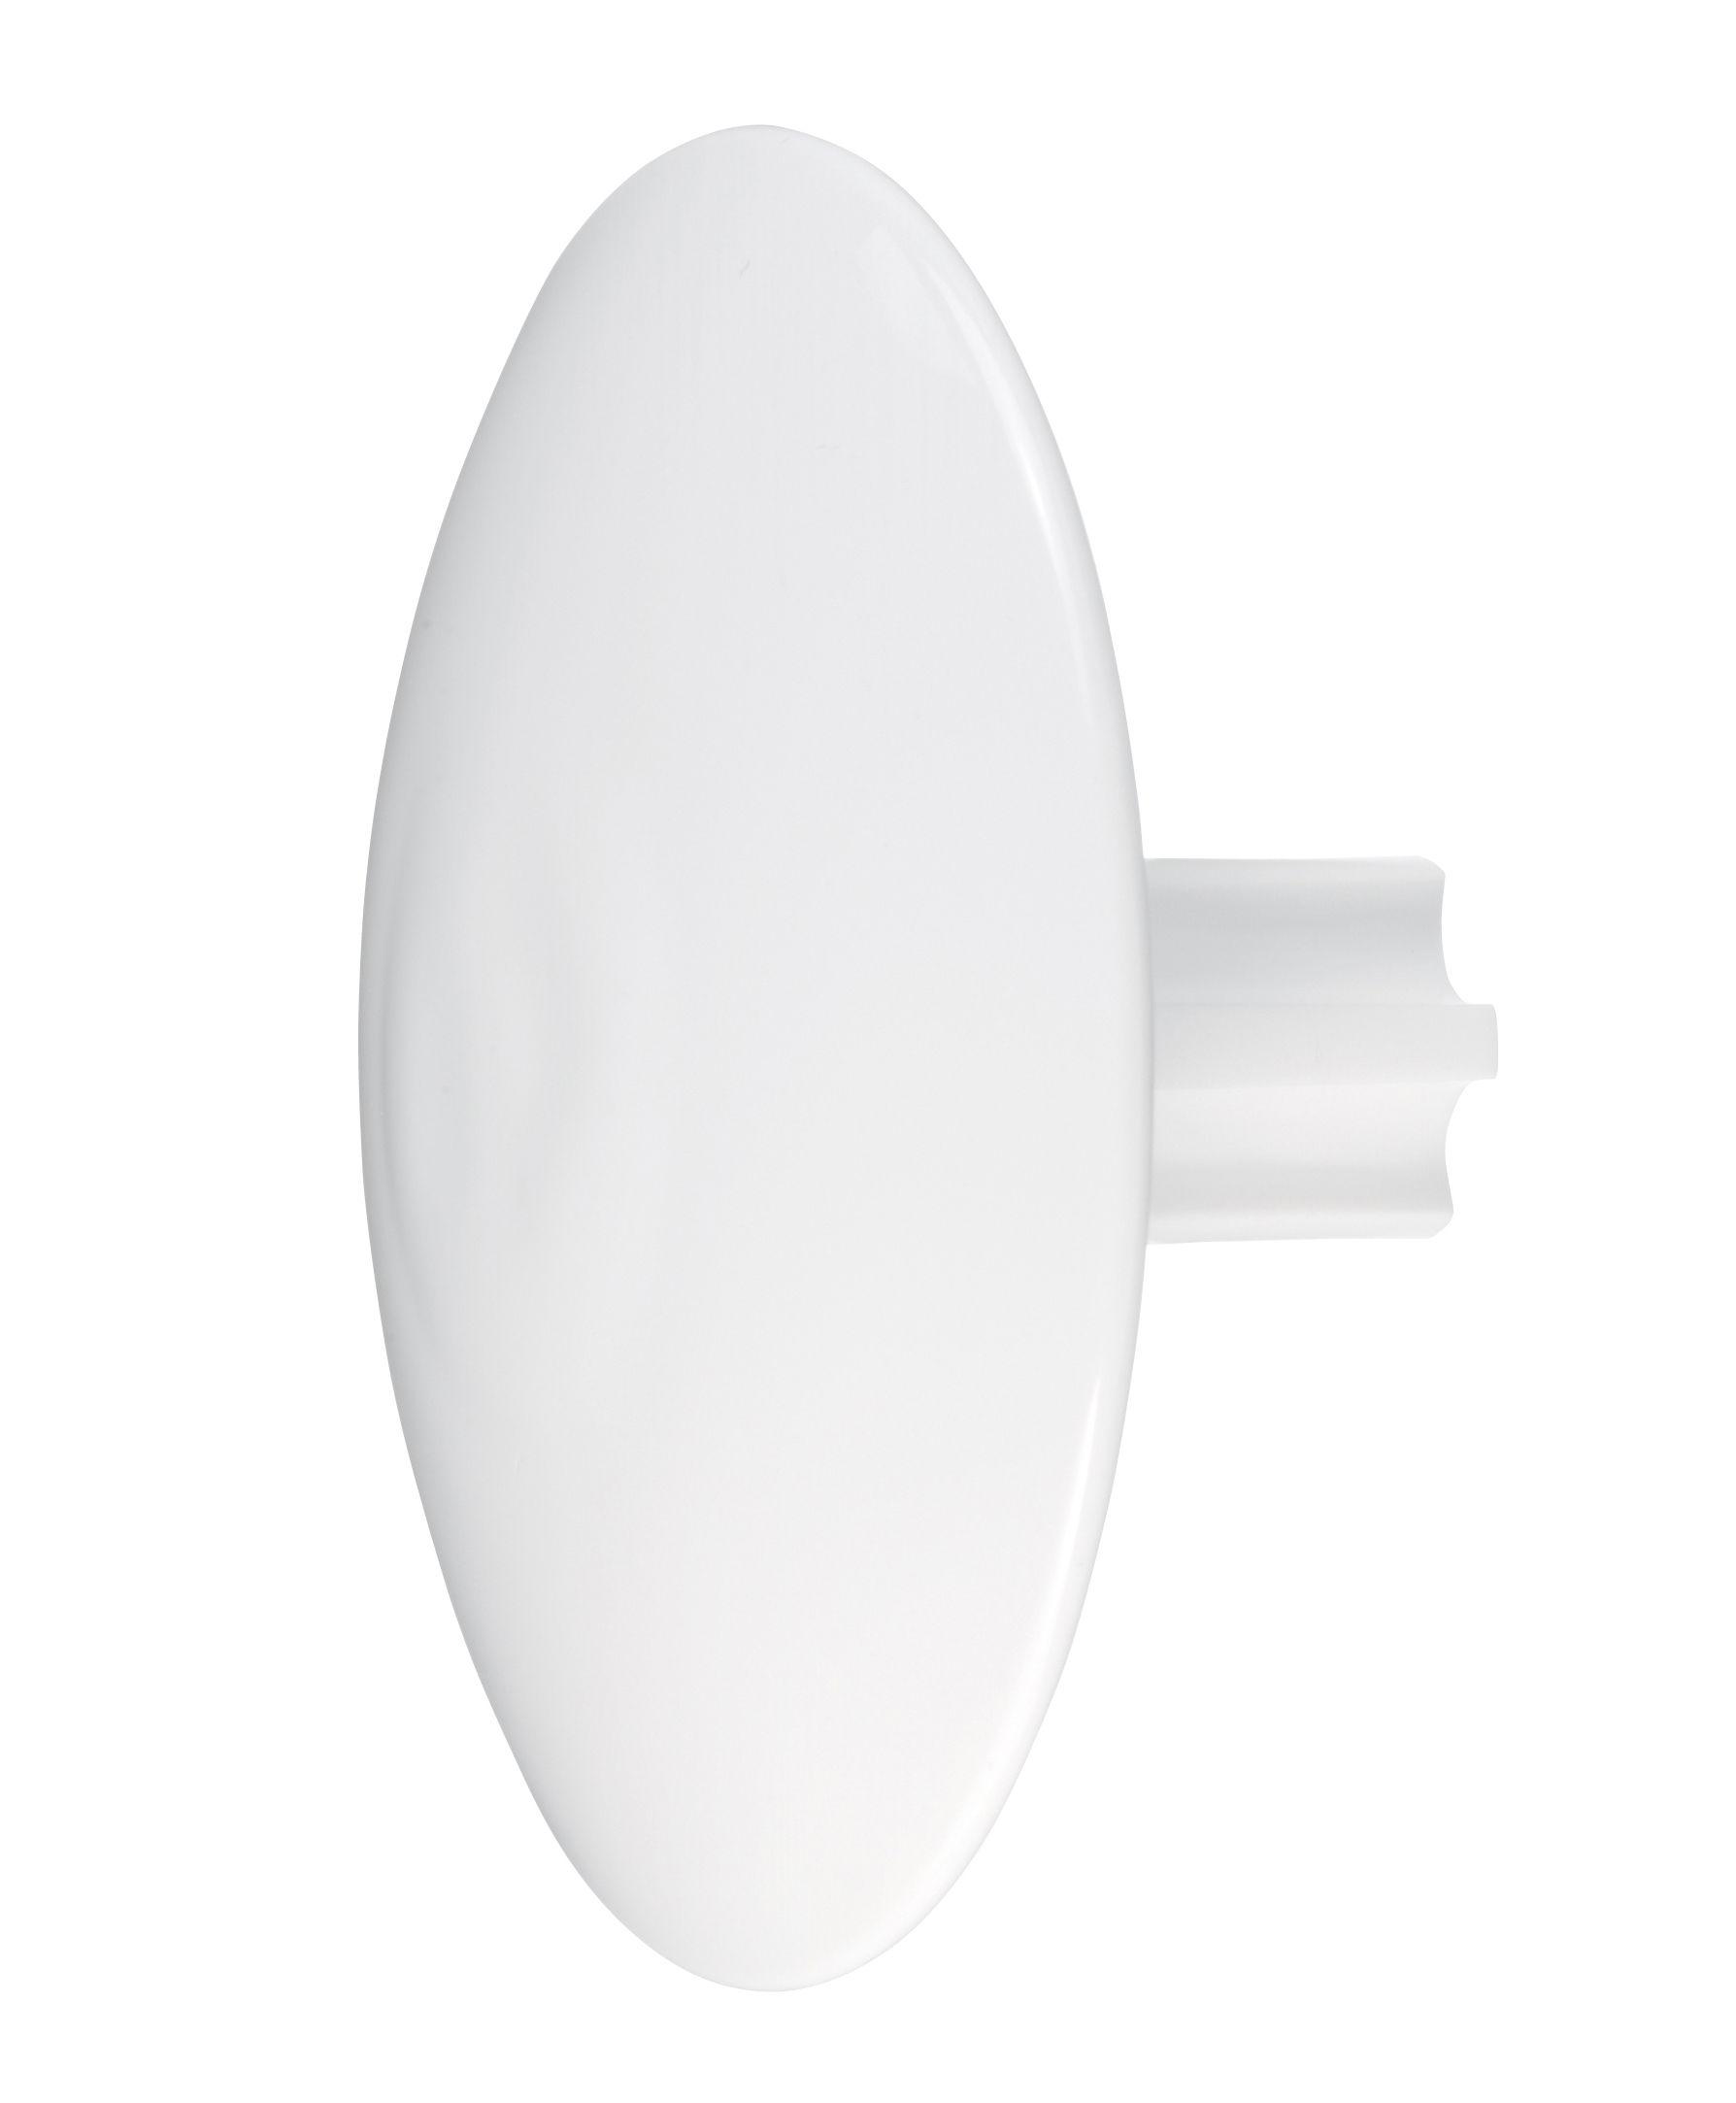 Mobilier - Portemanteaux, patères & portants - Patère Spot - Koziol - Blanc opaque - Plastique